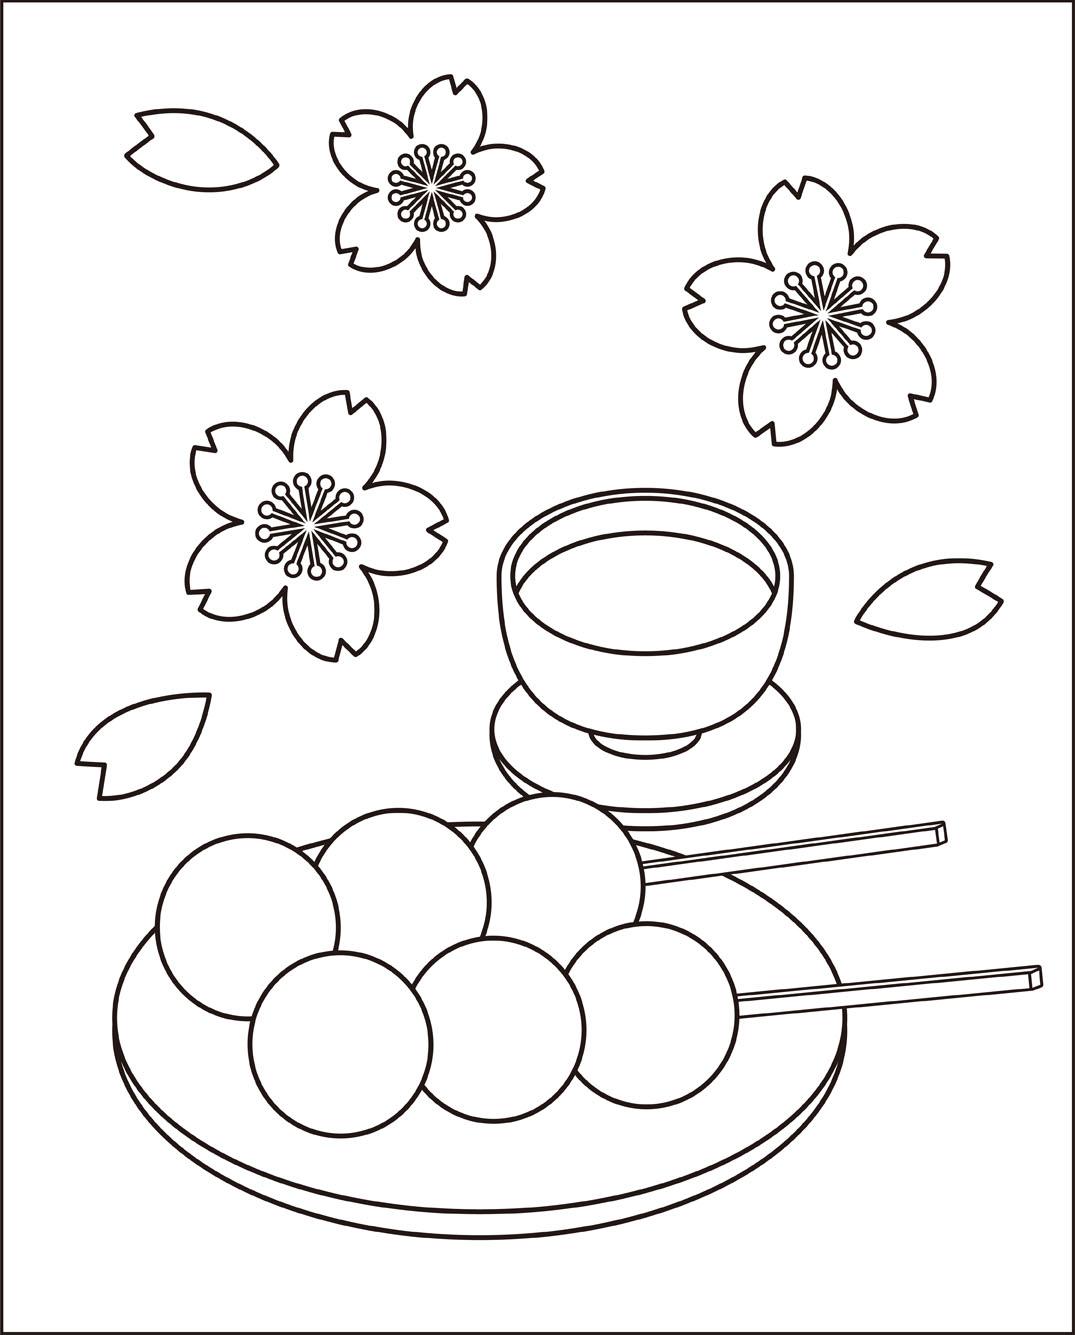 レク素材 お花見介護レク広場レク素材やレクネタ企画書の無料